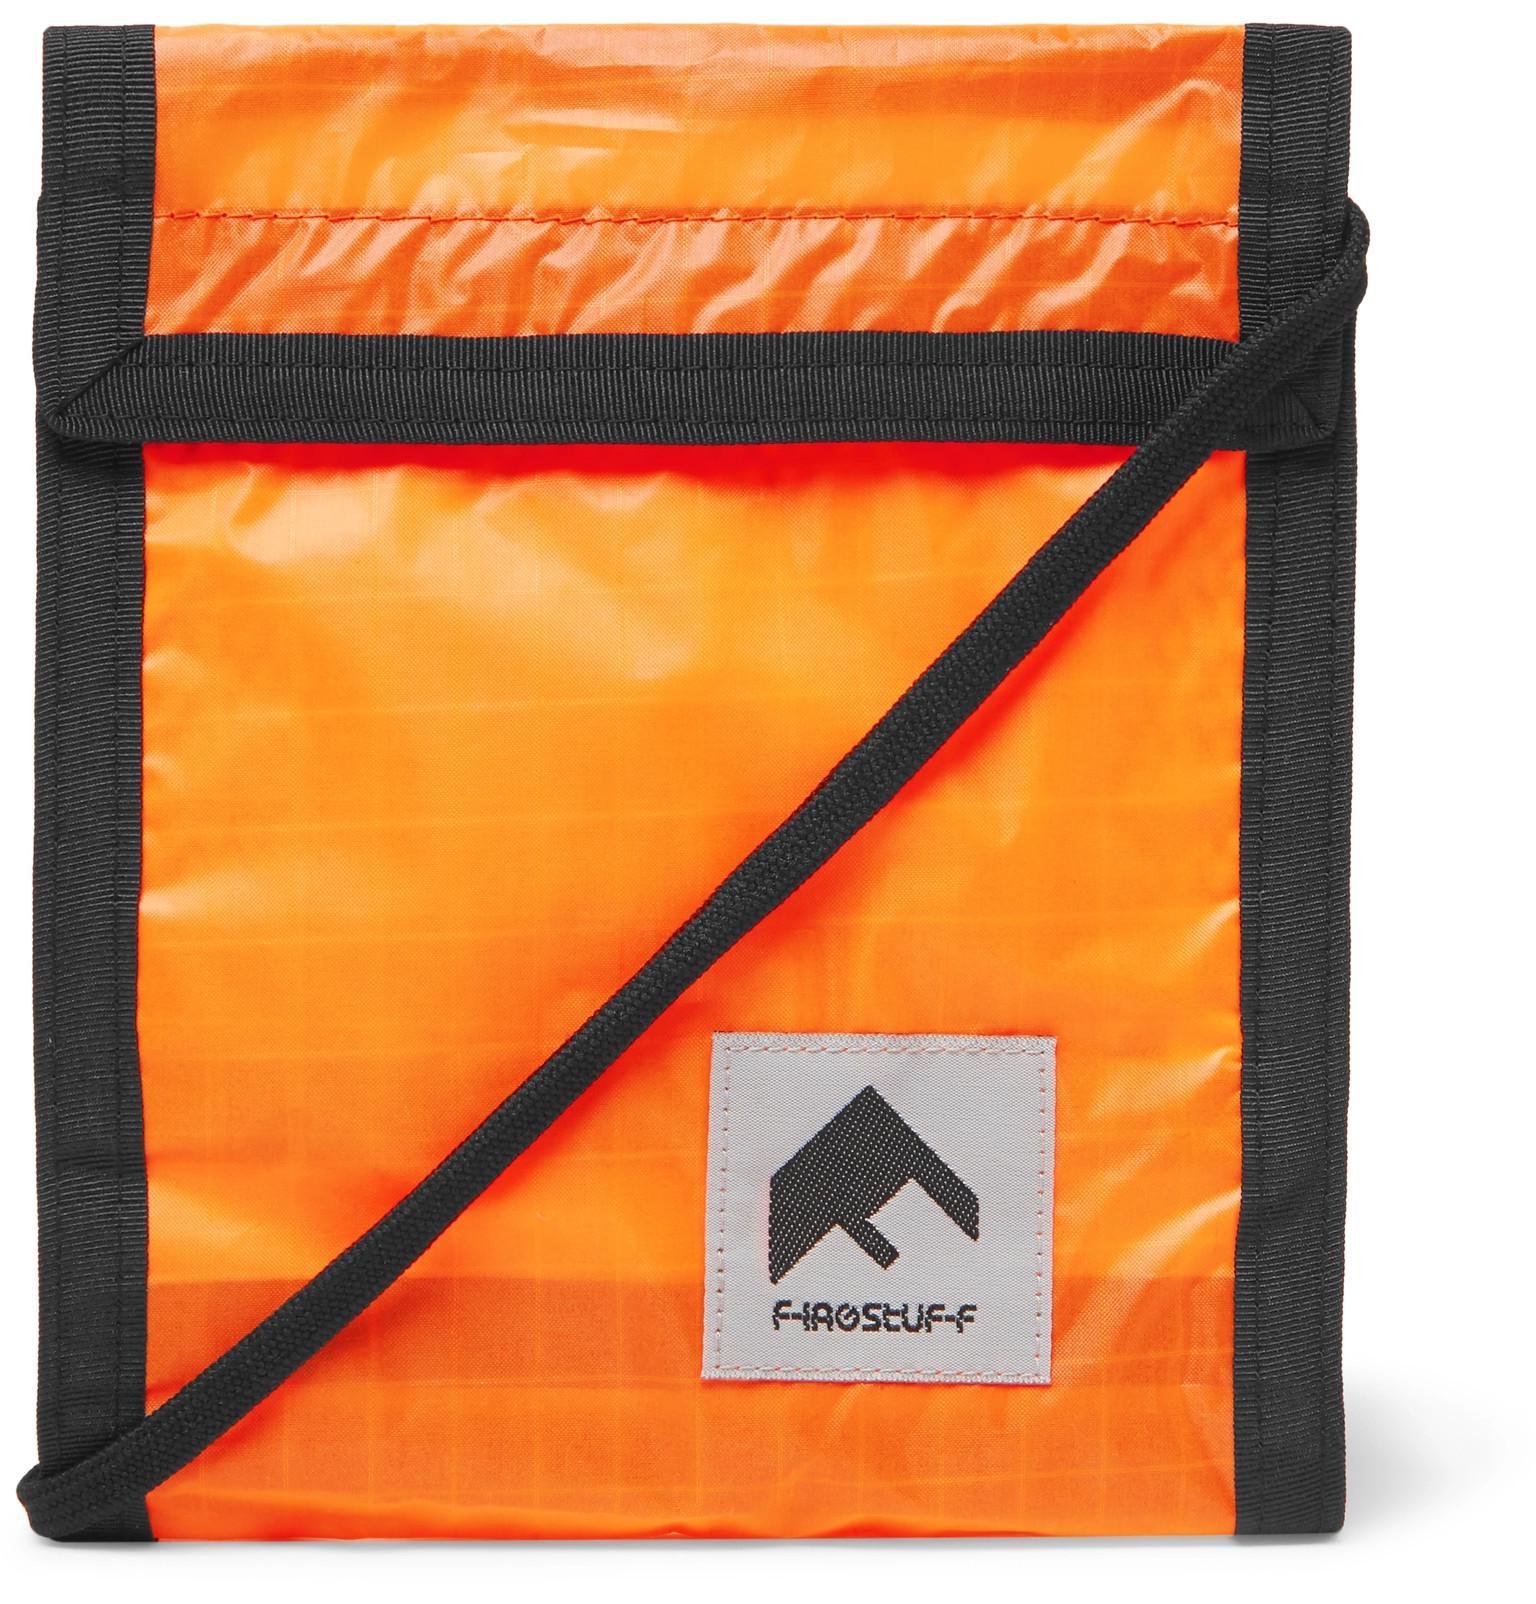 26b3e2e753f3 Lyst - Flagstuff Nylon Shoulder Bag in Orange for Men